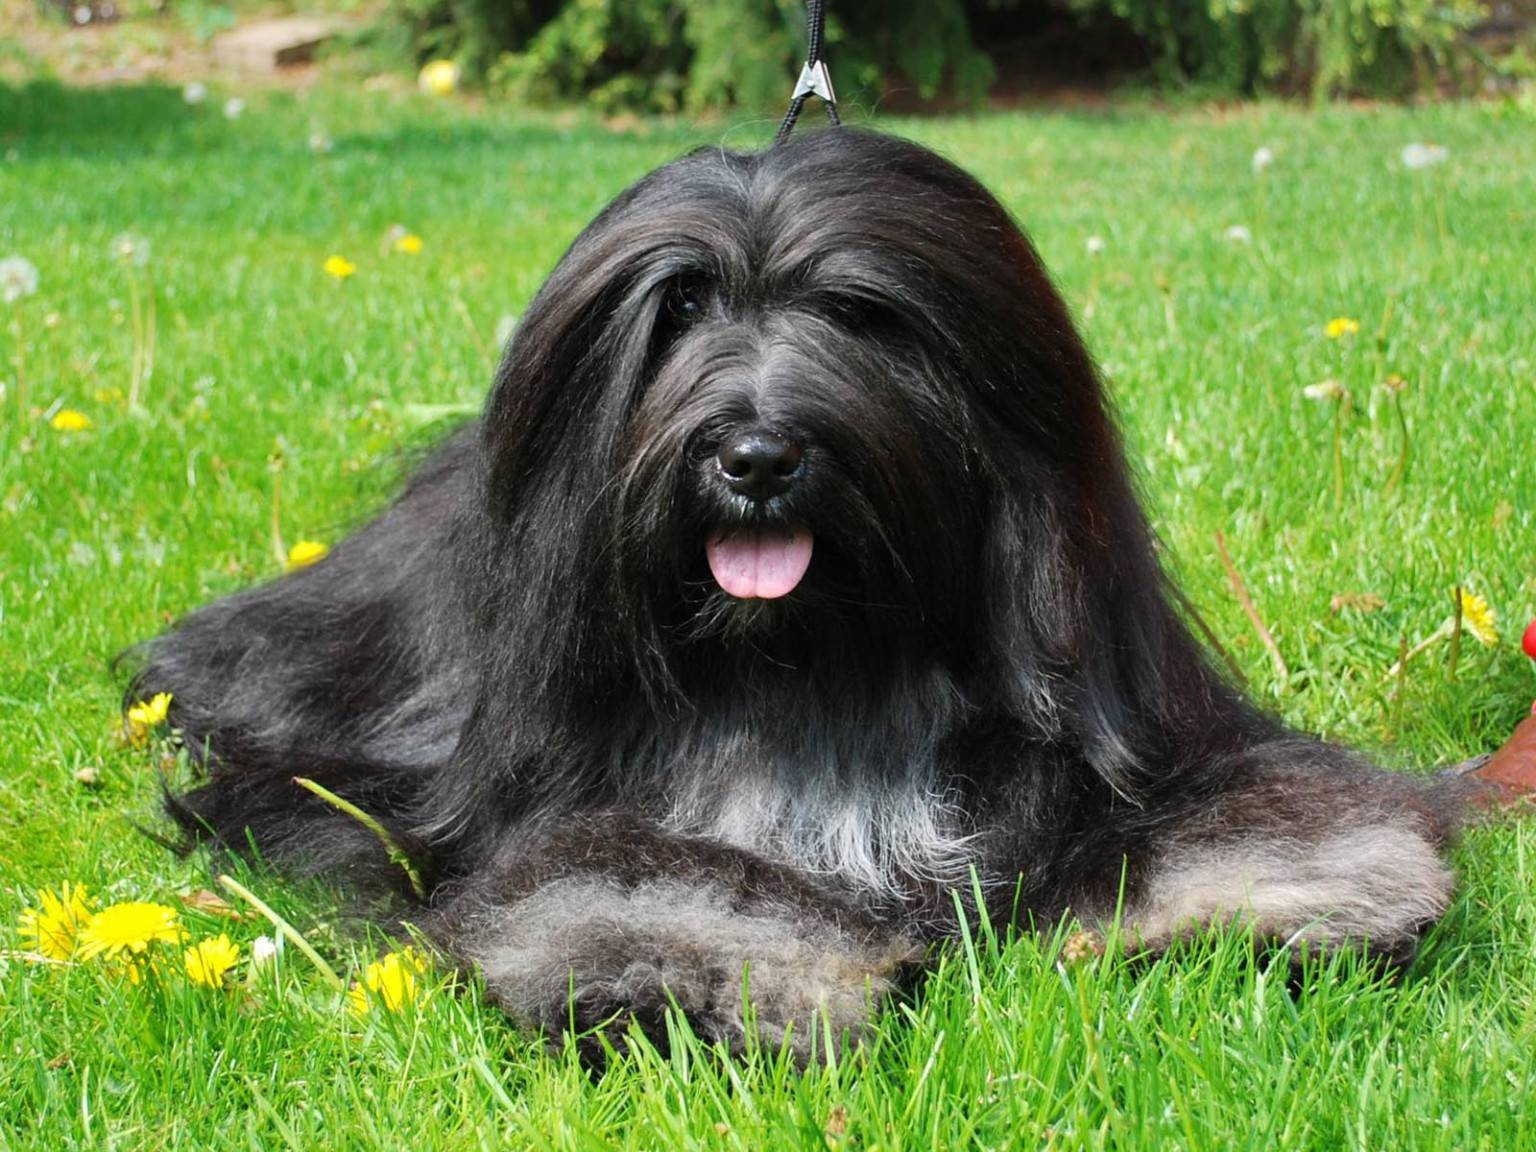 Порода собак тибетский терьер: фото, видео, описание породы и характер